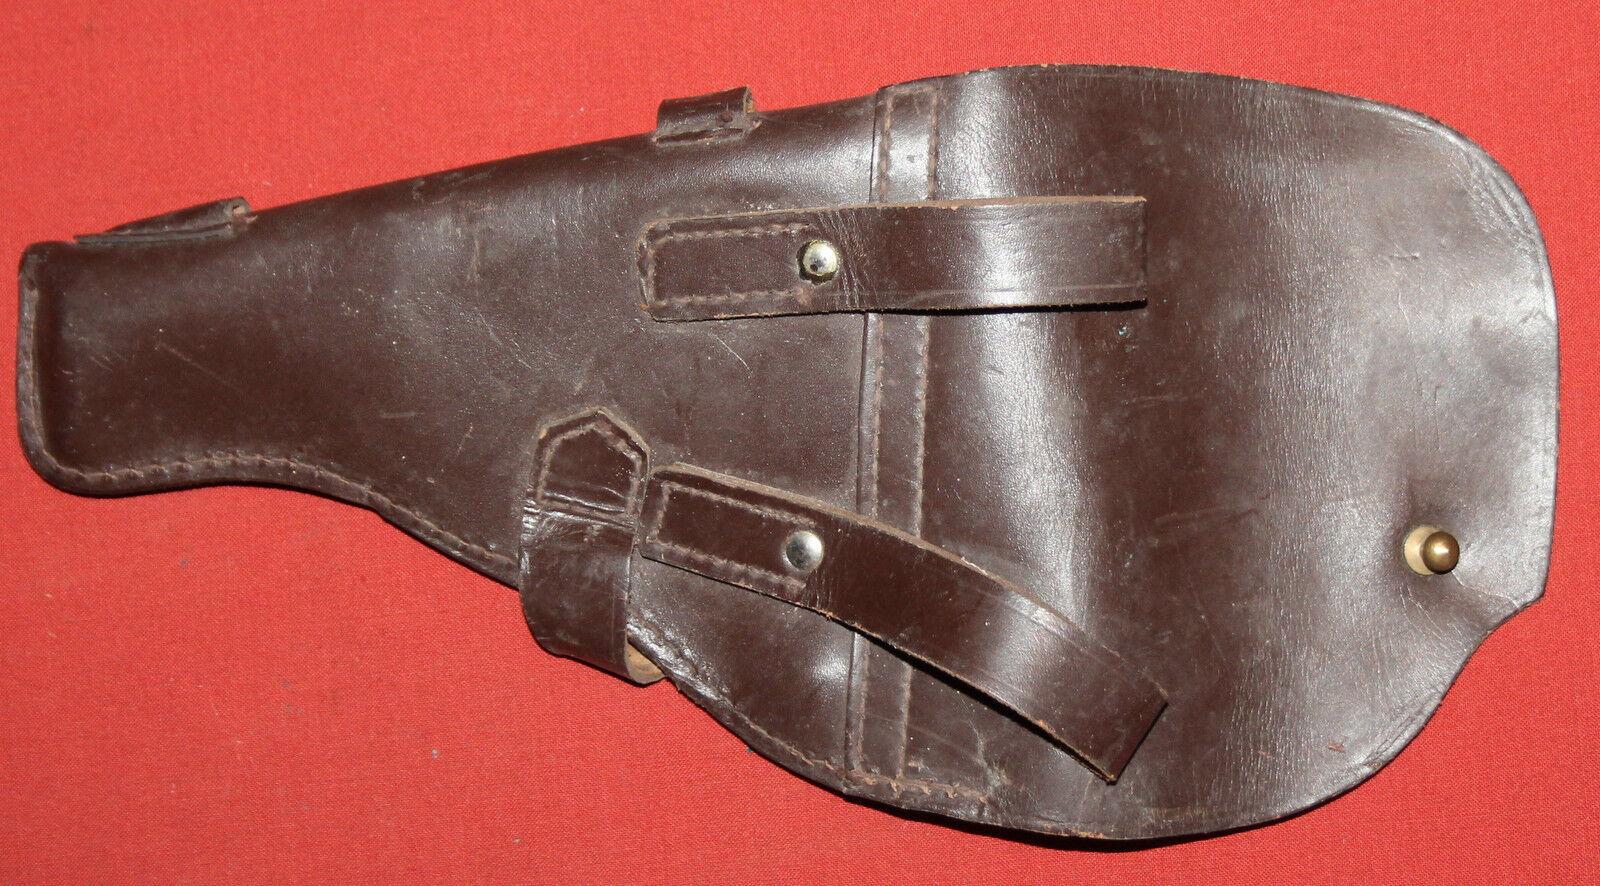 Vintage gun Soviet Russian Pistol Holster For Makarov gun Vintage fa30c7